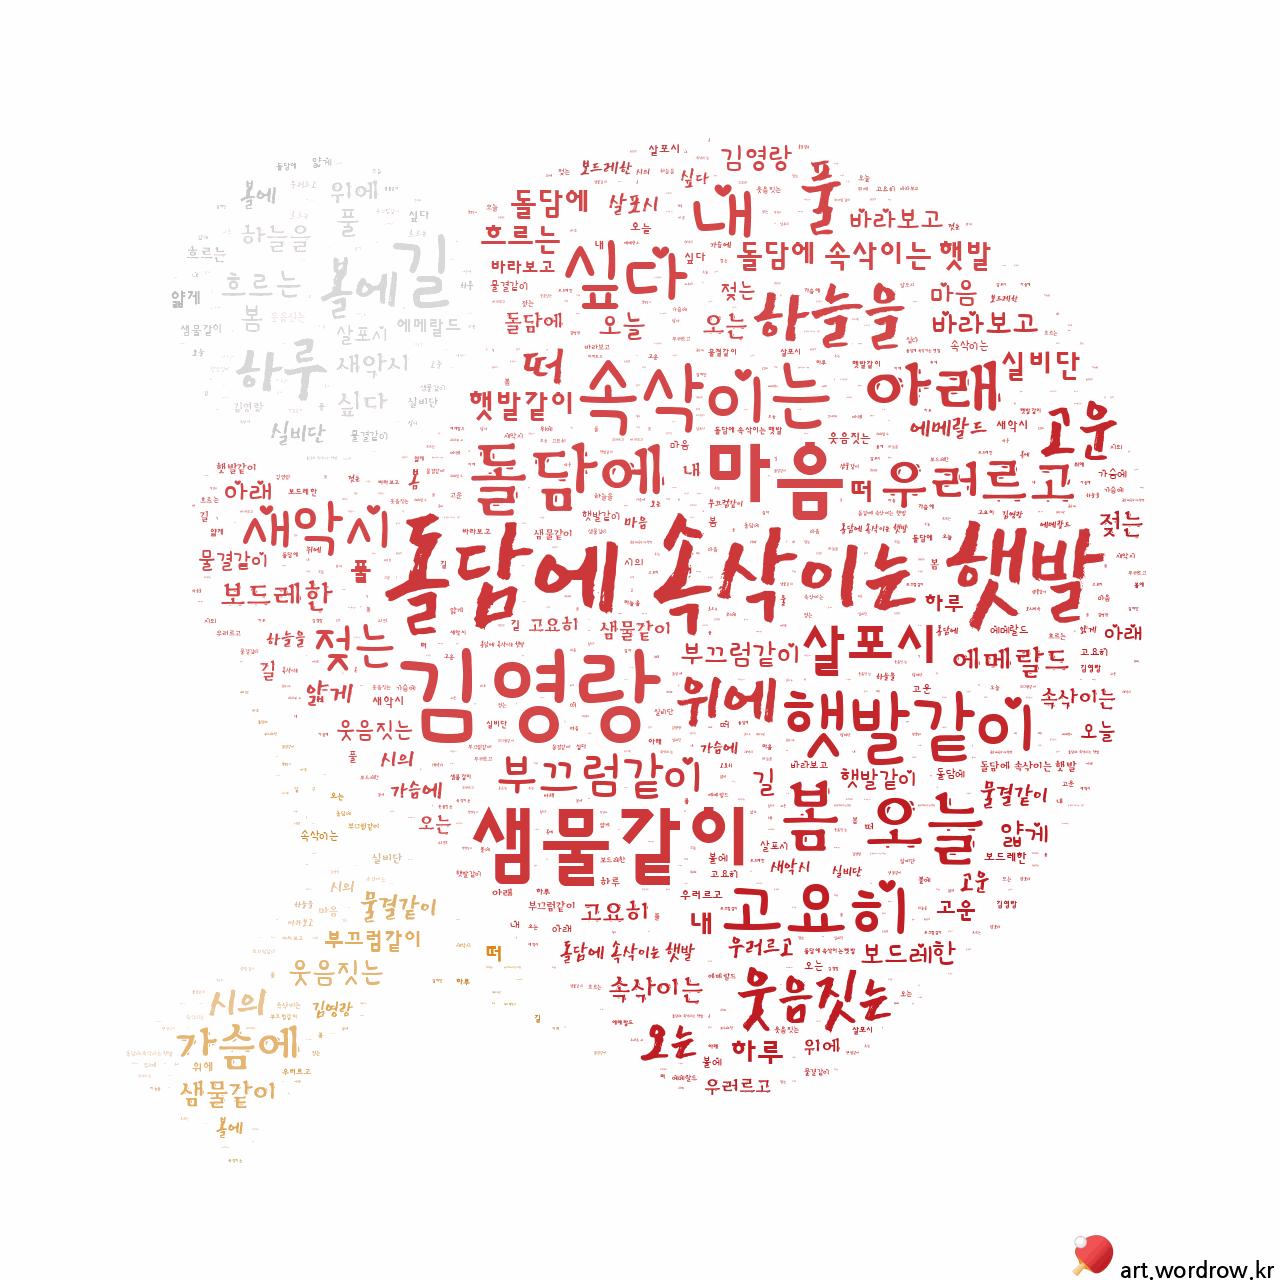 워드 클라우드: 돌담에 속삭이는 햇발 [김영랑]-8